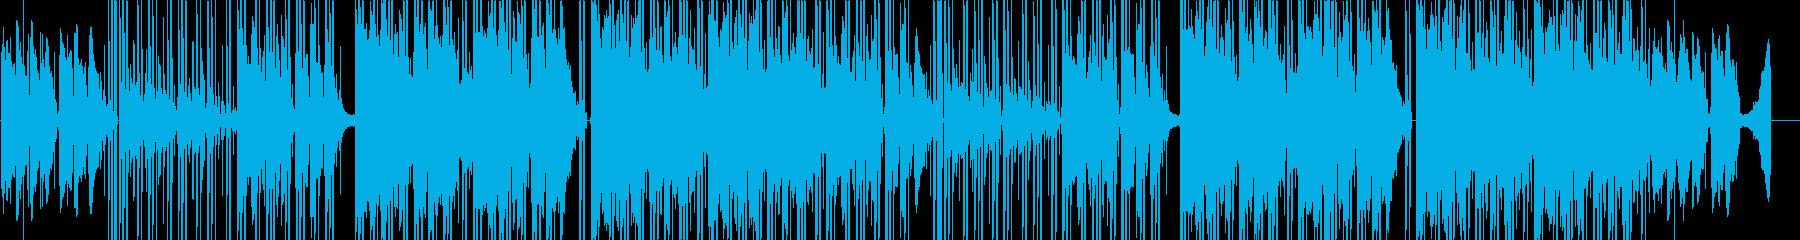 オシャレで切ないLO-FIインストの再生済みの波形